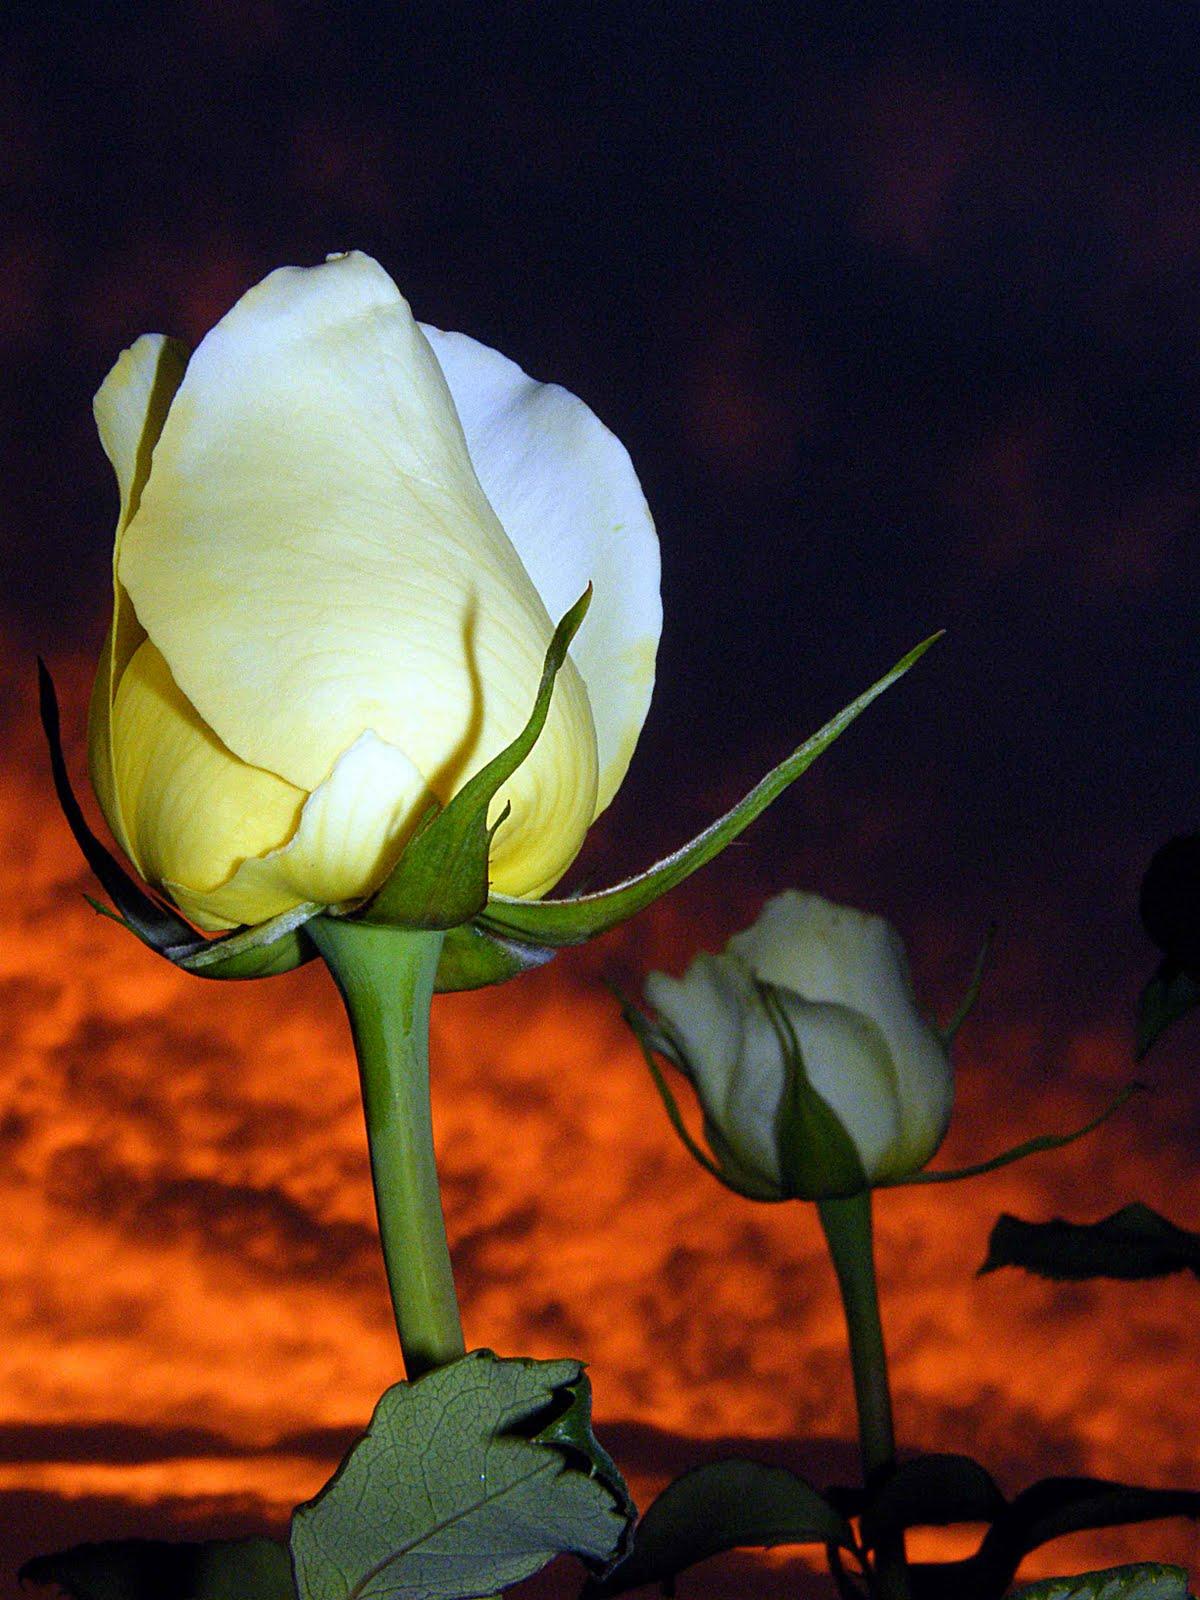 Tajanstvenim stazama duse... - Page 3 YC+Sunset+Rose+buds